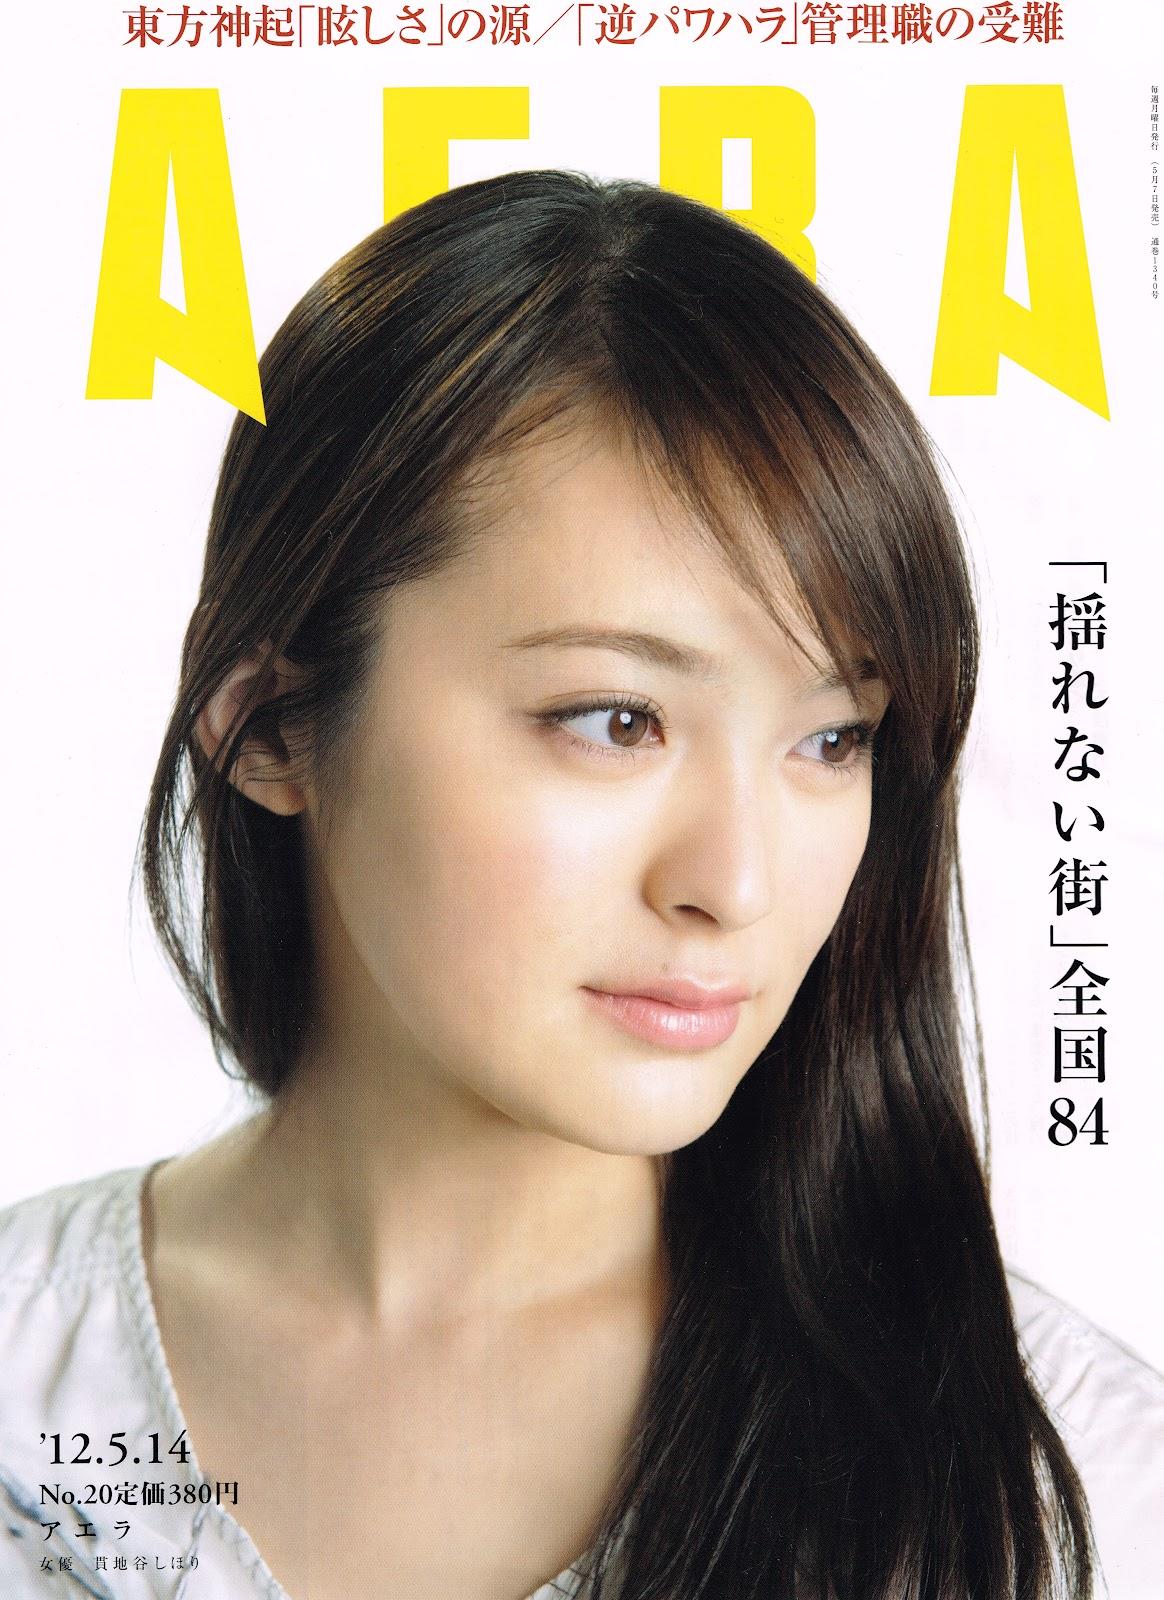 kanCCF20120516_0002.jpg